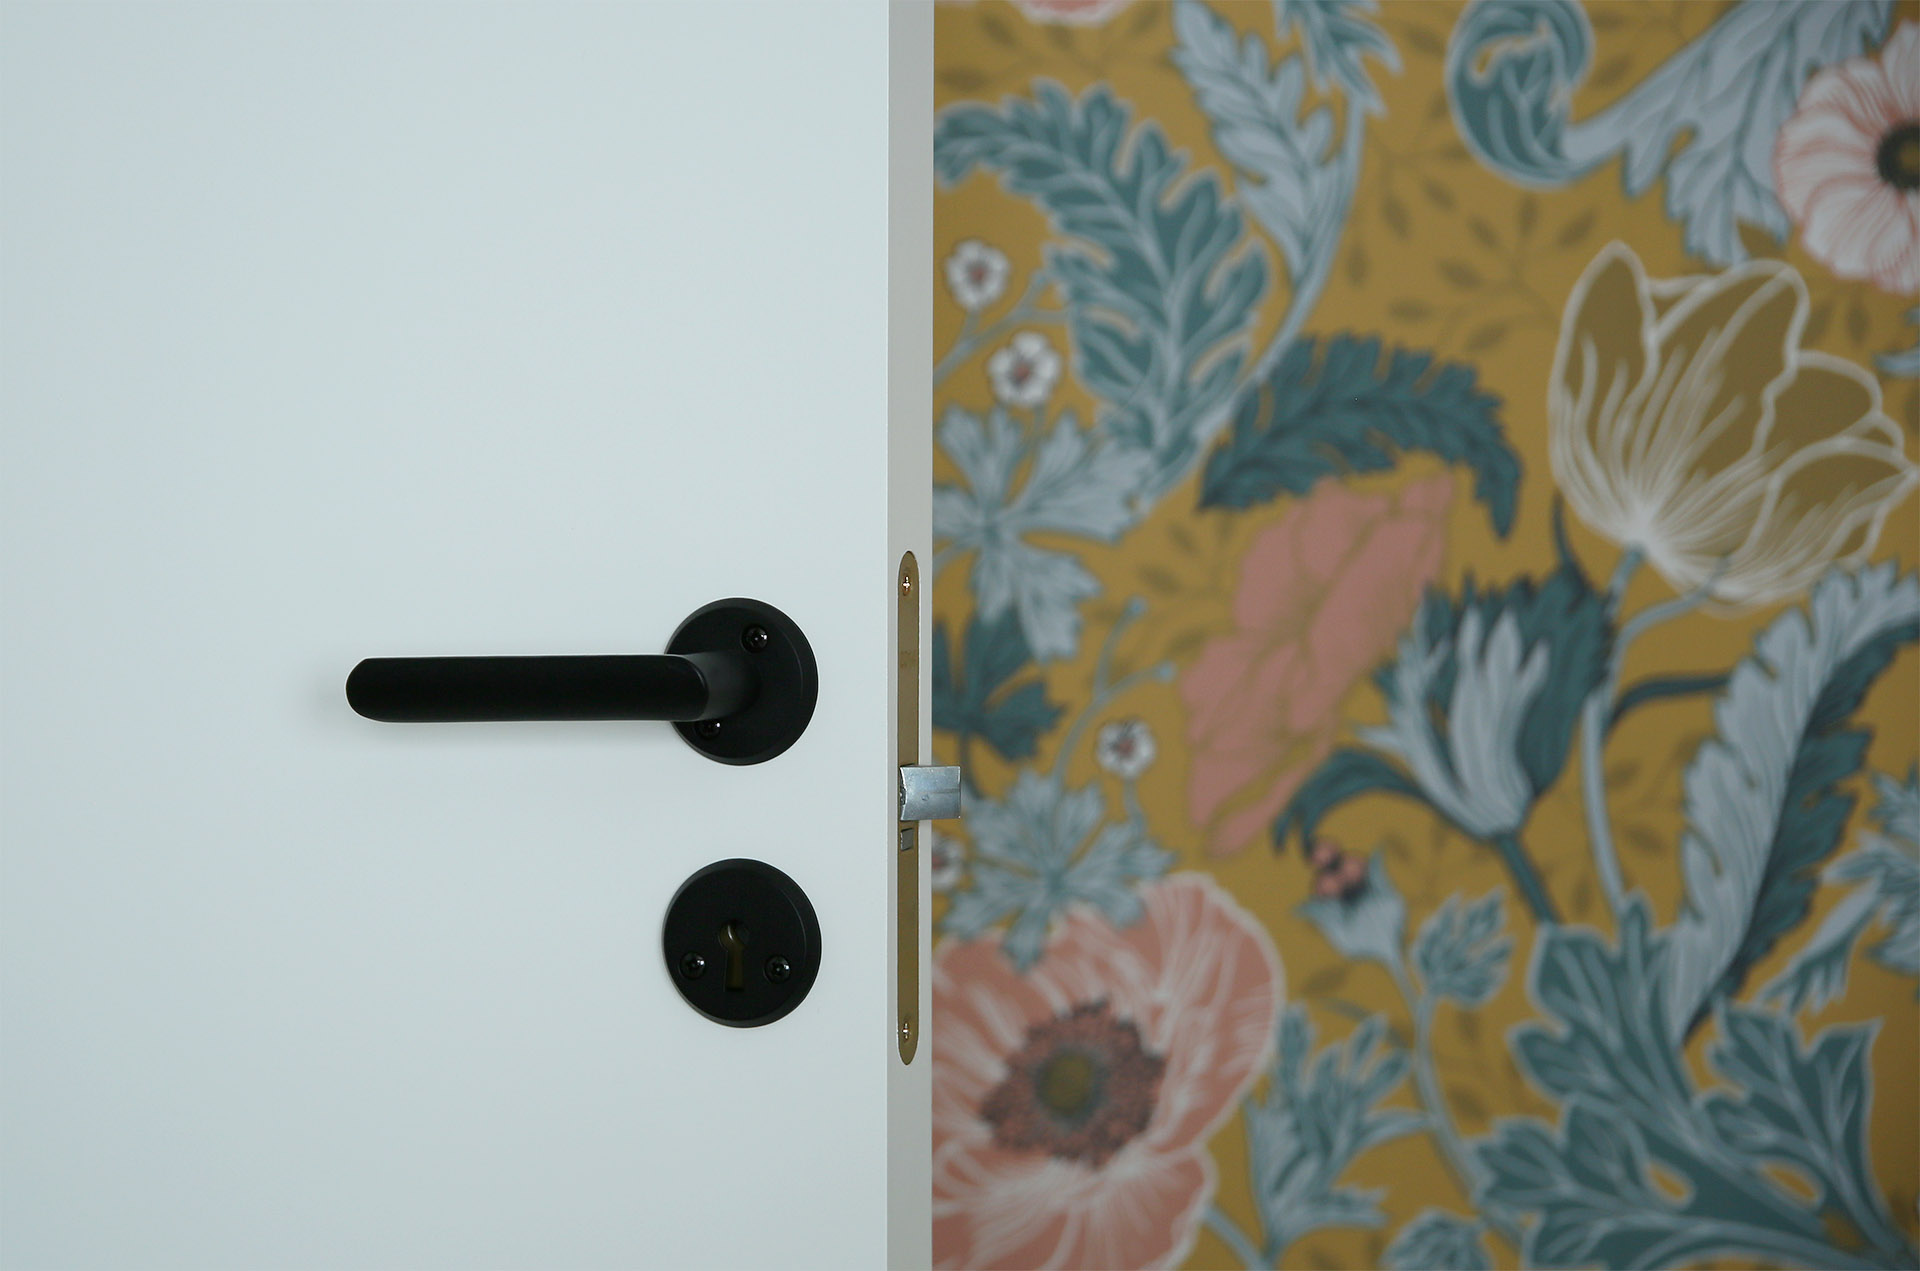 Svarta dörrhandtag för innerdörr - Habo - NewYork - fixaodona.se